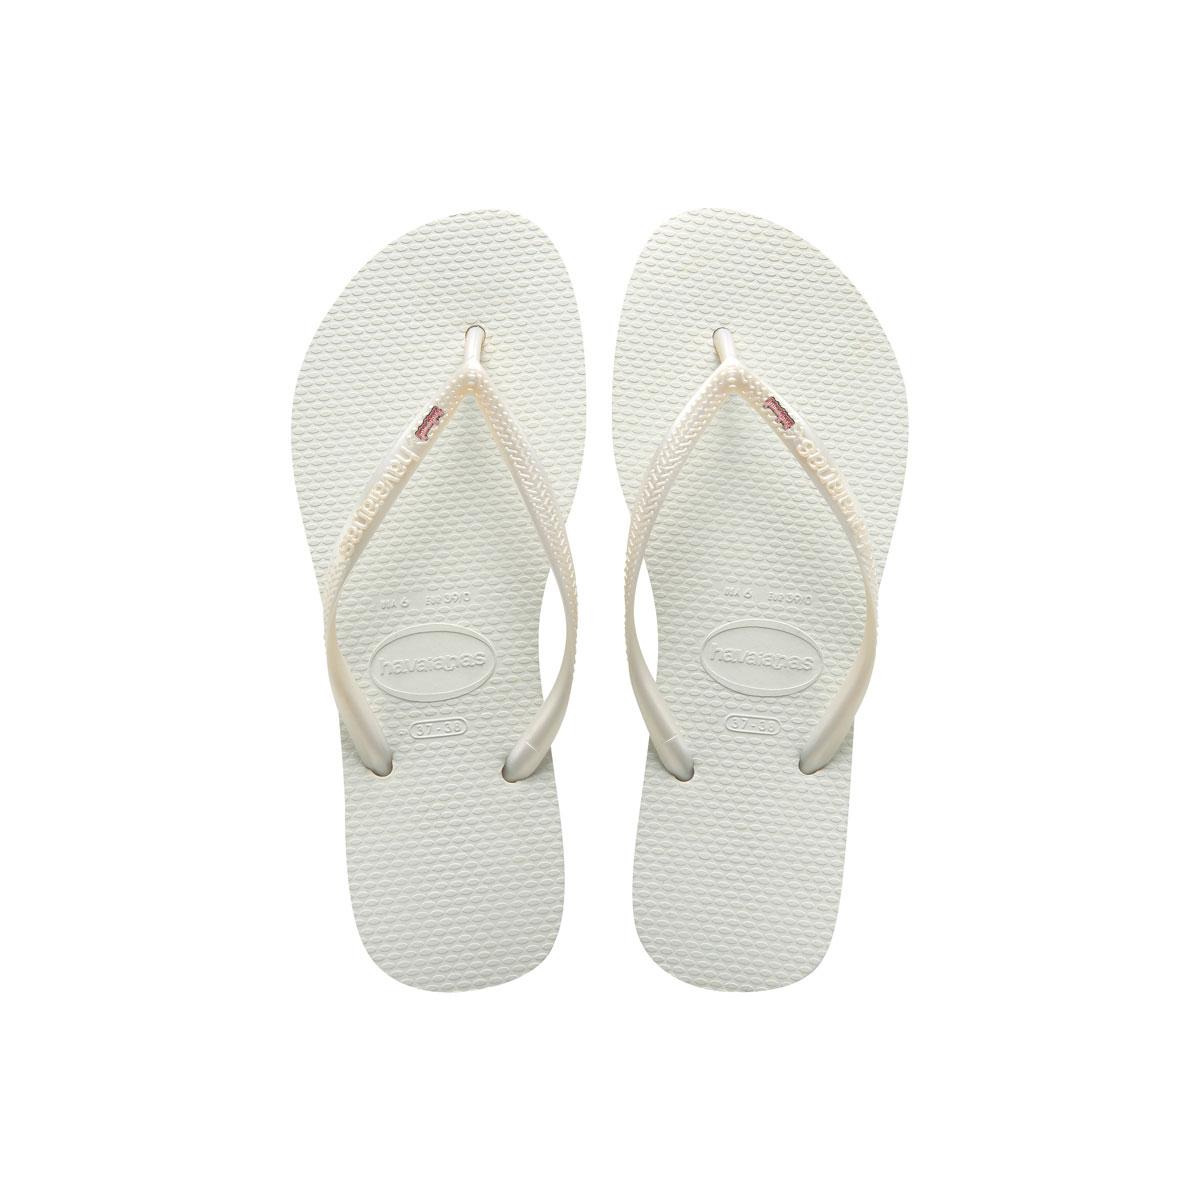 Havaianas Slim White Flip-Flops with Pink Glitter Bridesmaid Wedding